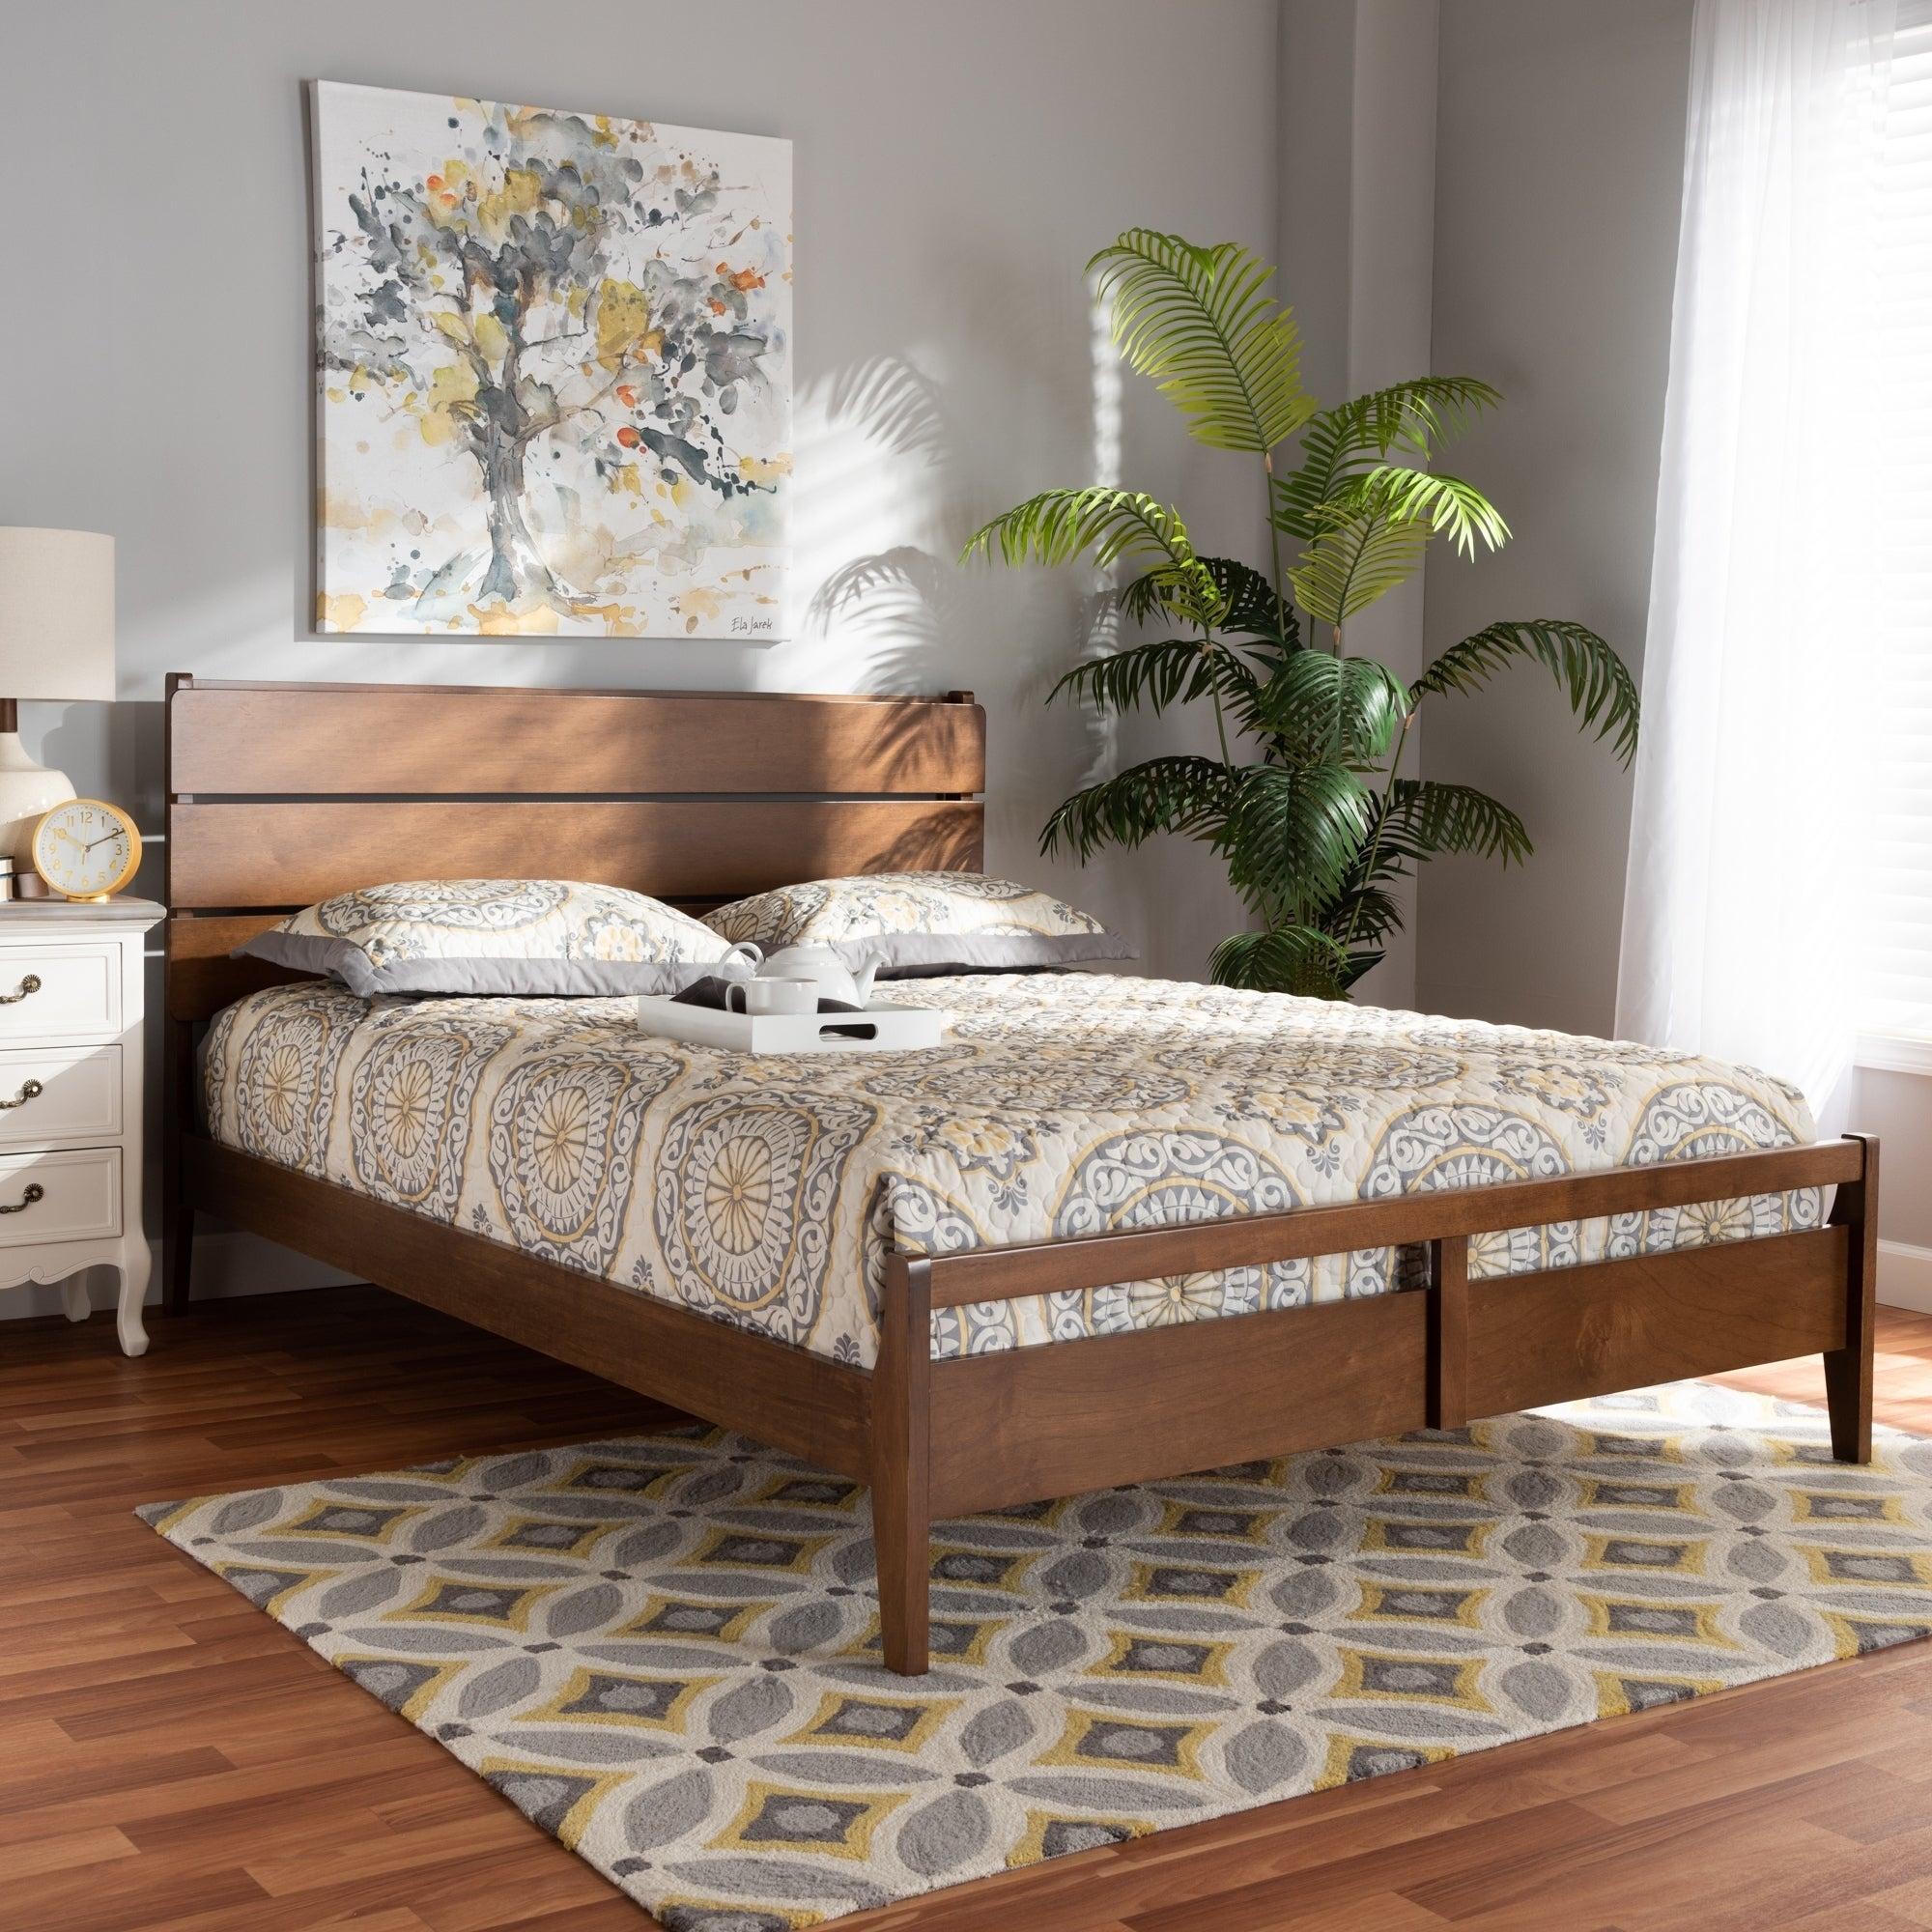 Cách chọn mua giường gỗ 1m6 cho gia đình mình